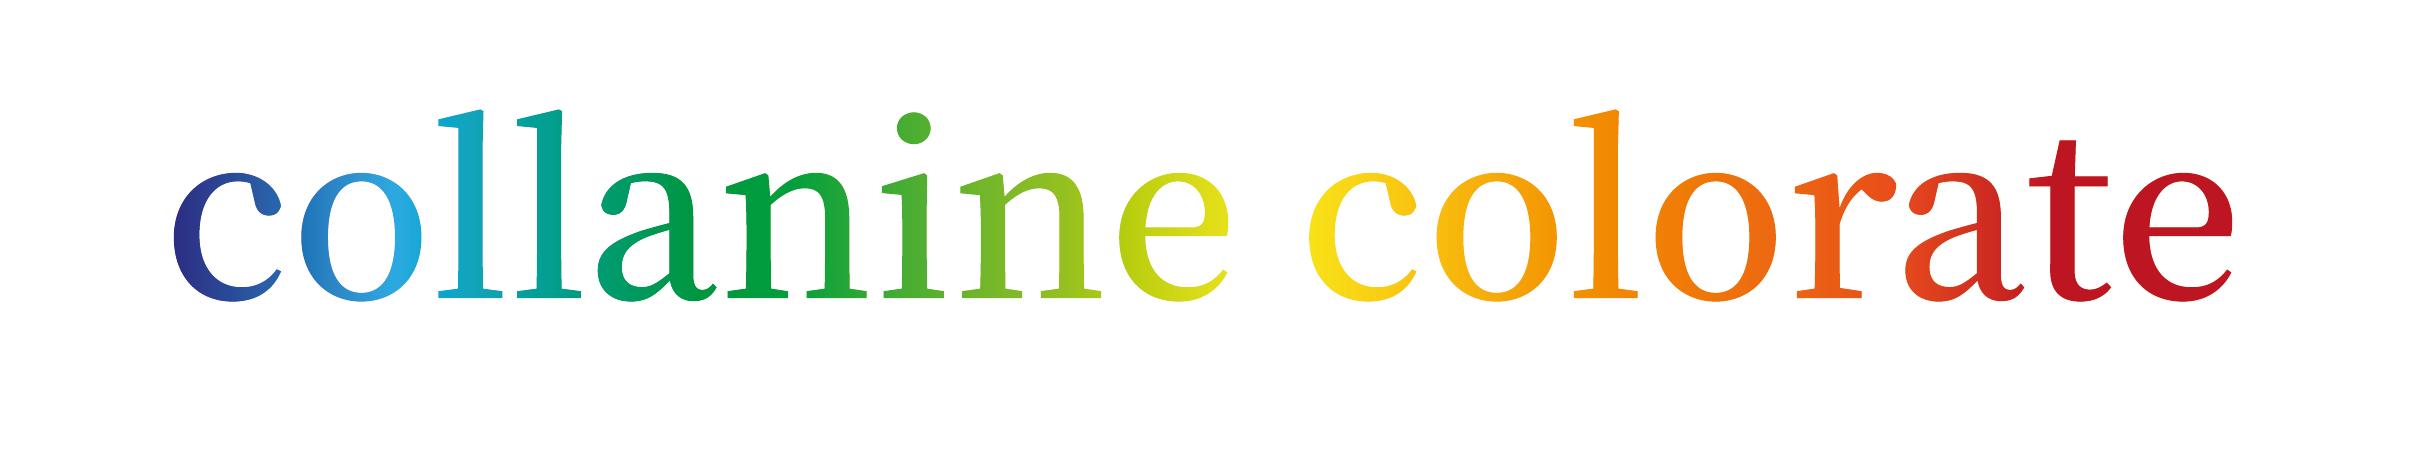 Collanine Colorate